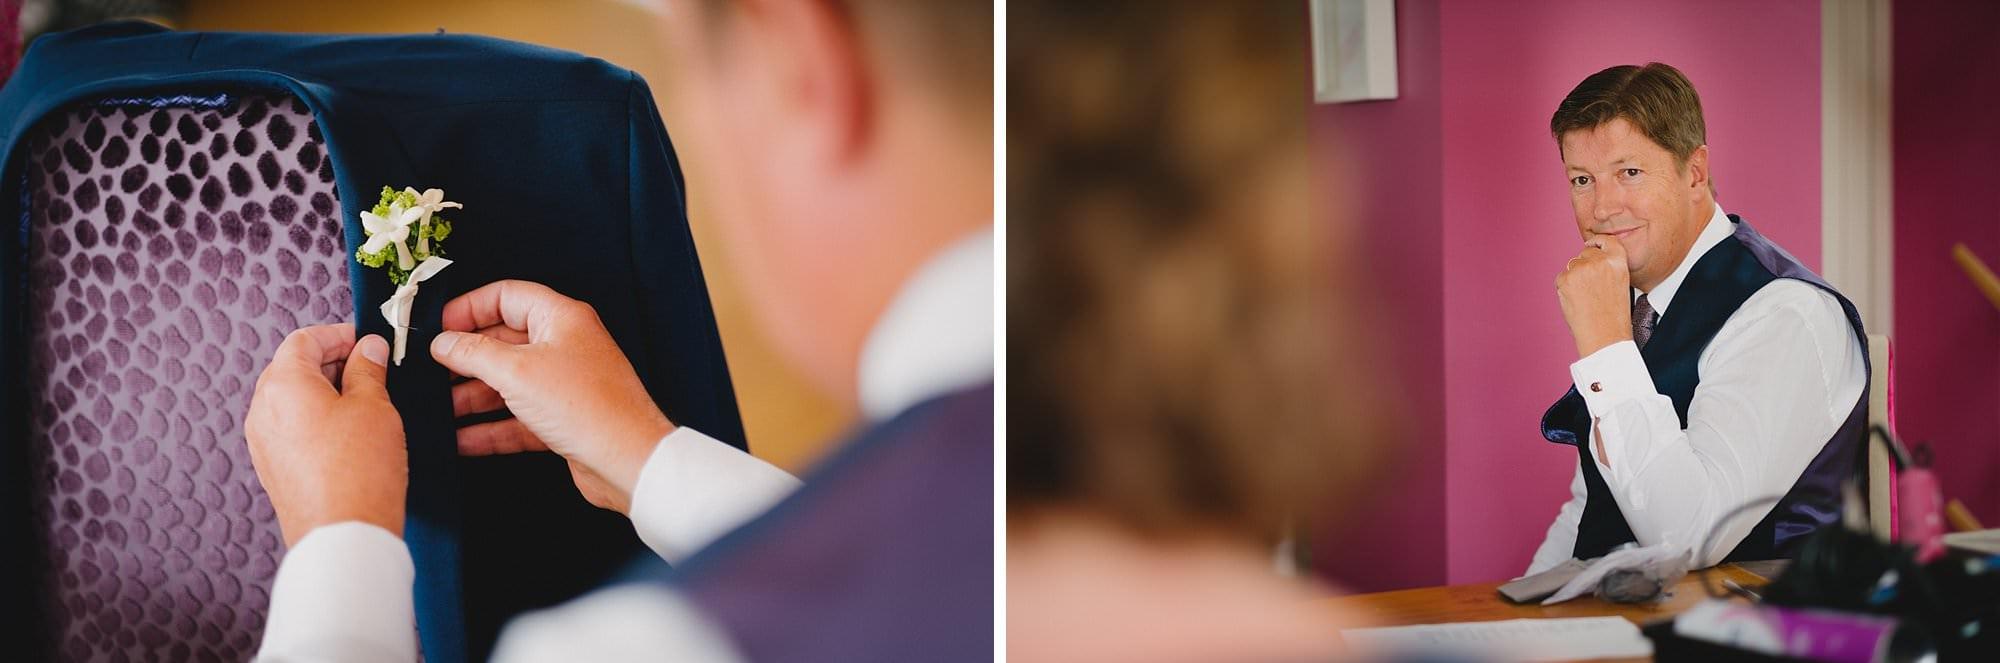 ashtead london wedding photographer 017 - Rachel & Jonny's Ashtead Wedding